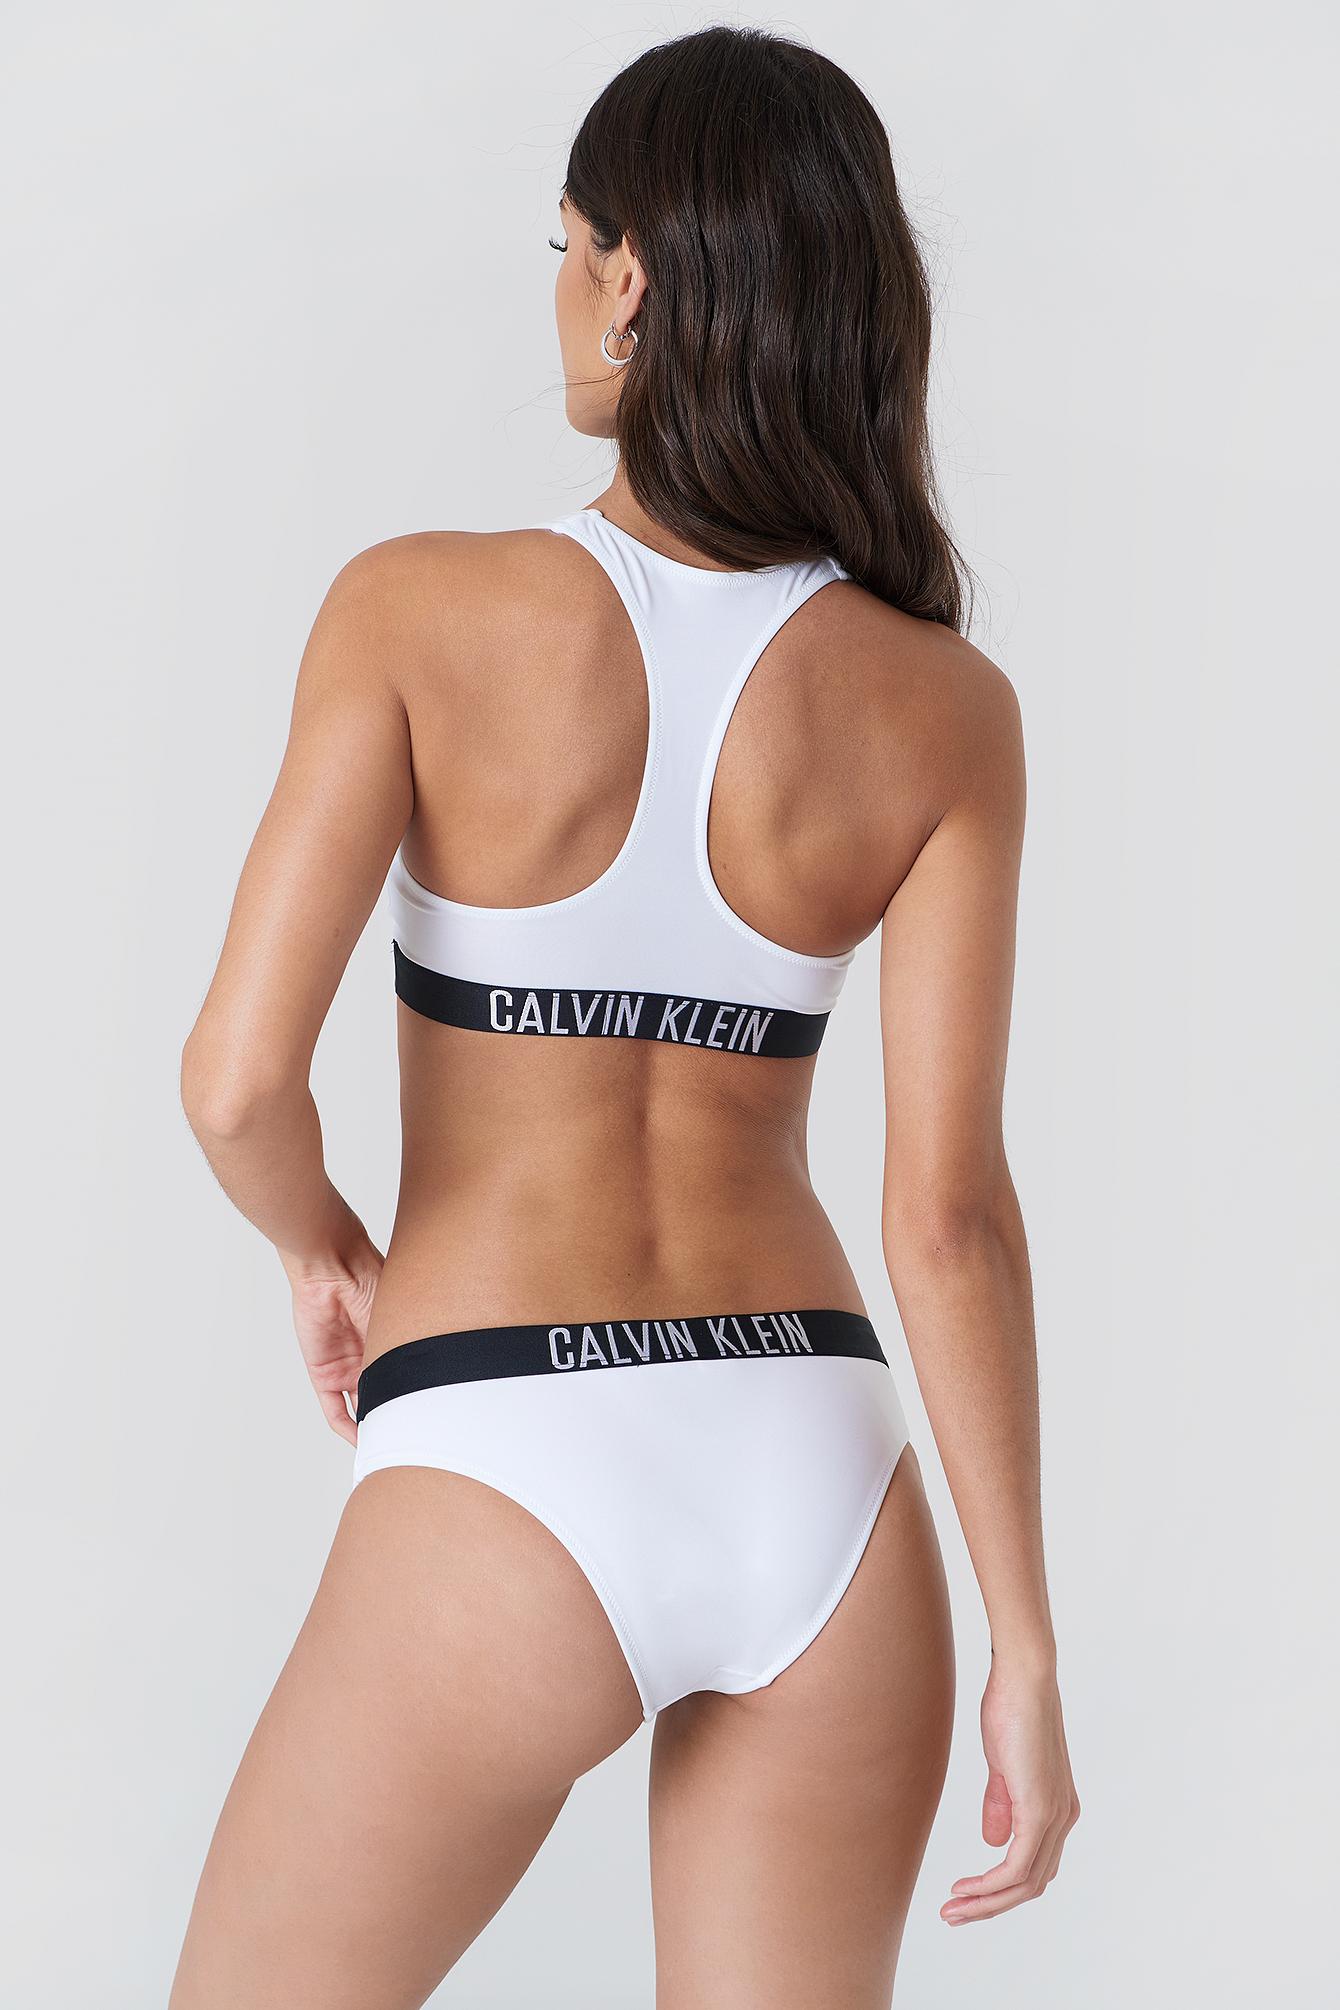 fake calvin klein bikini